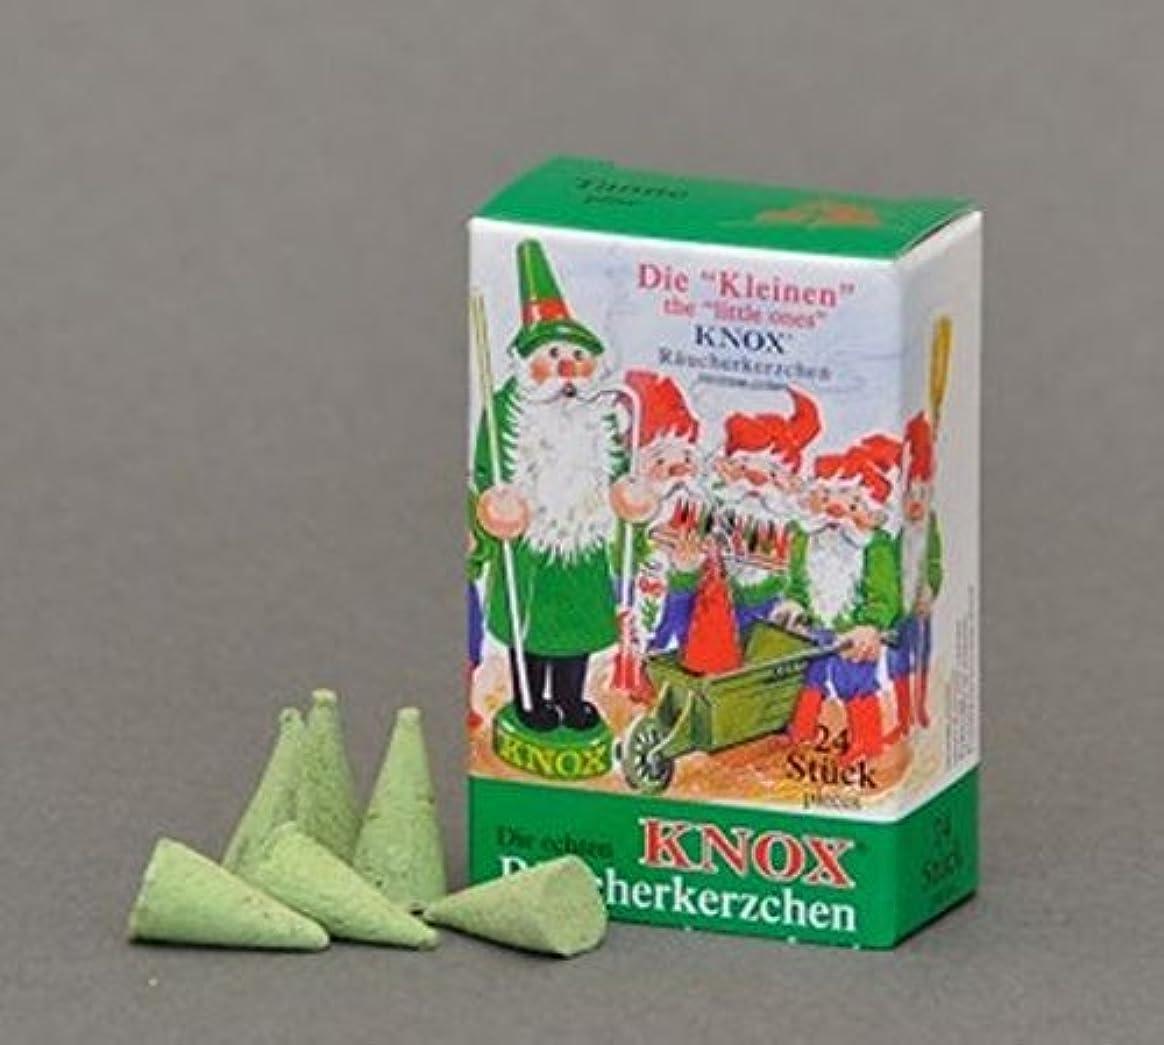 成熟作曲する説明するKnox(ノックス) ミニ松の香り ドイツのお香コーン ドイツ製 クリスマスのスモーカー